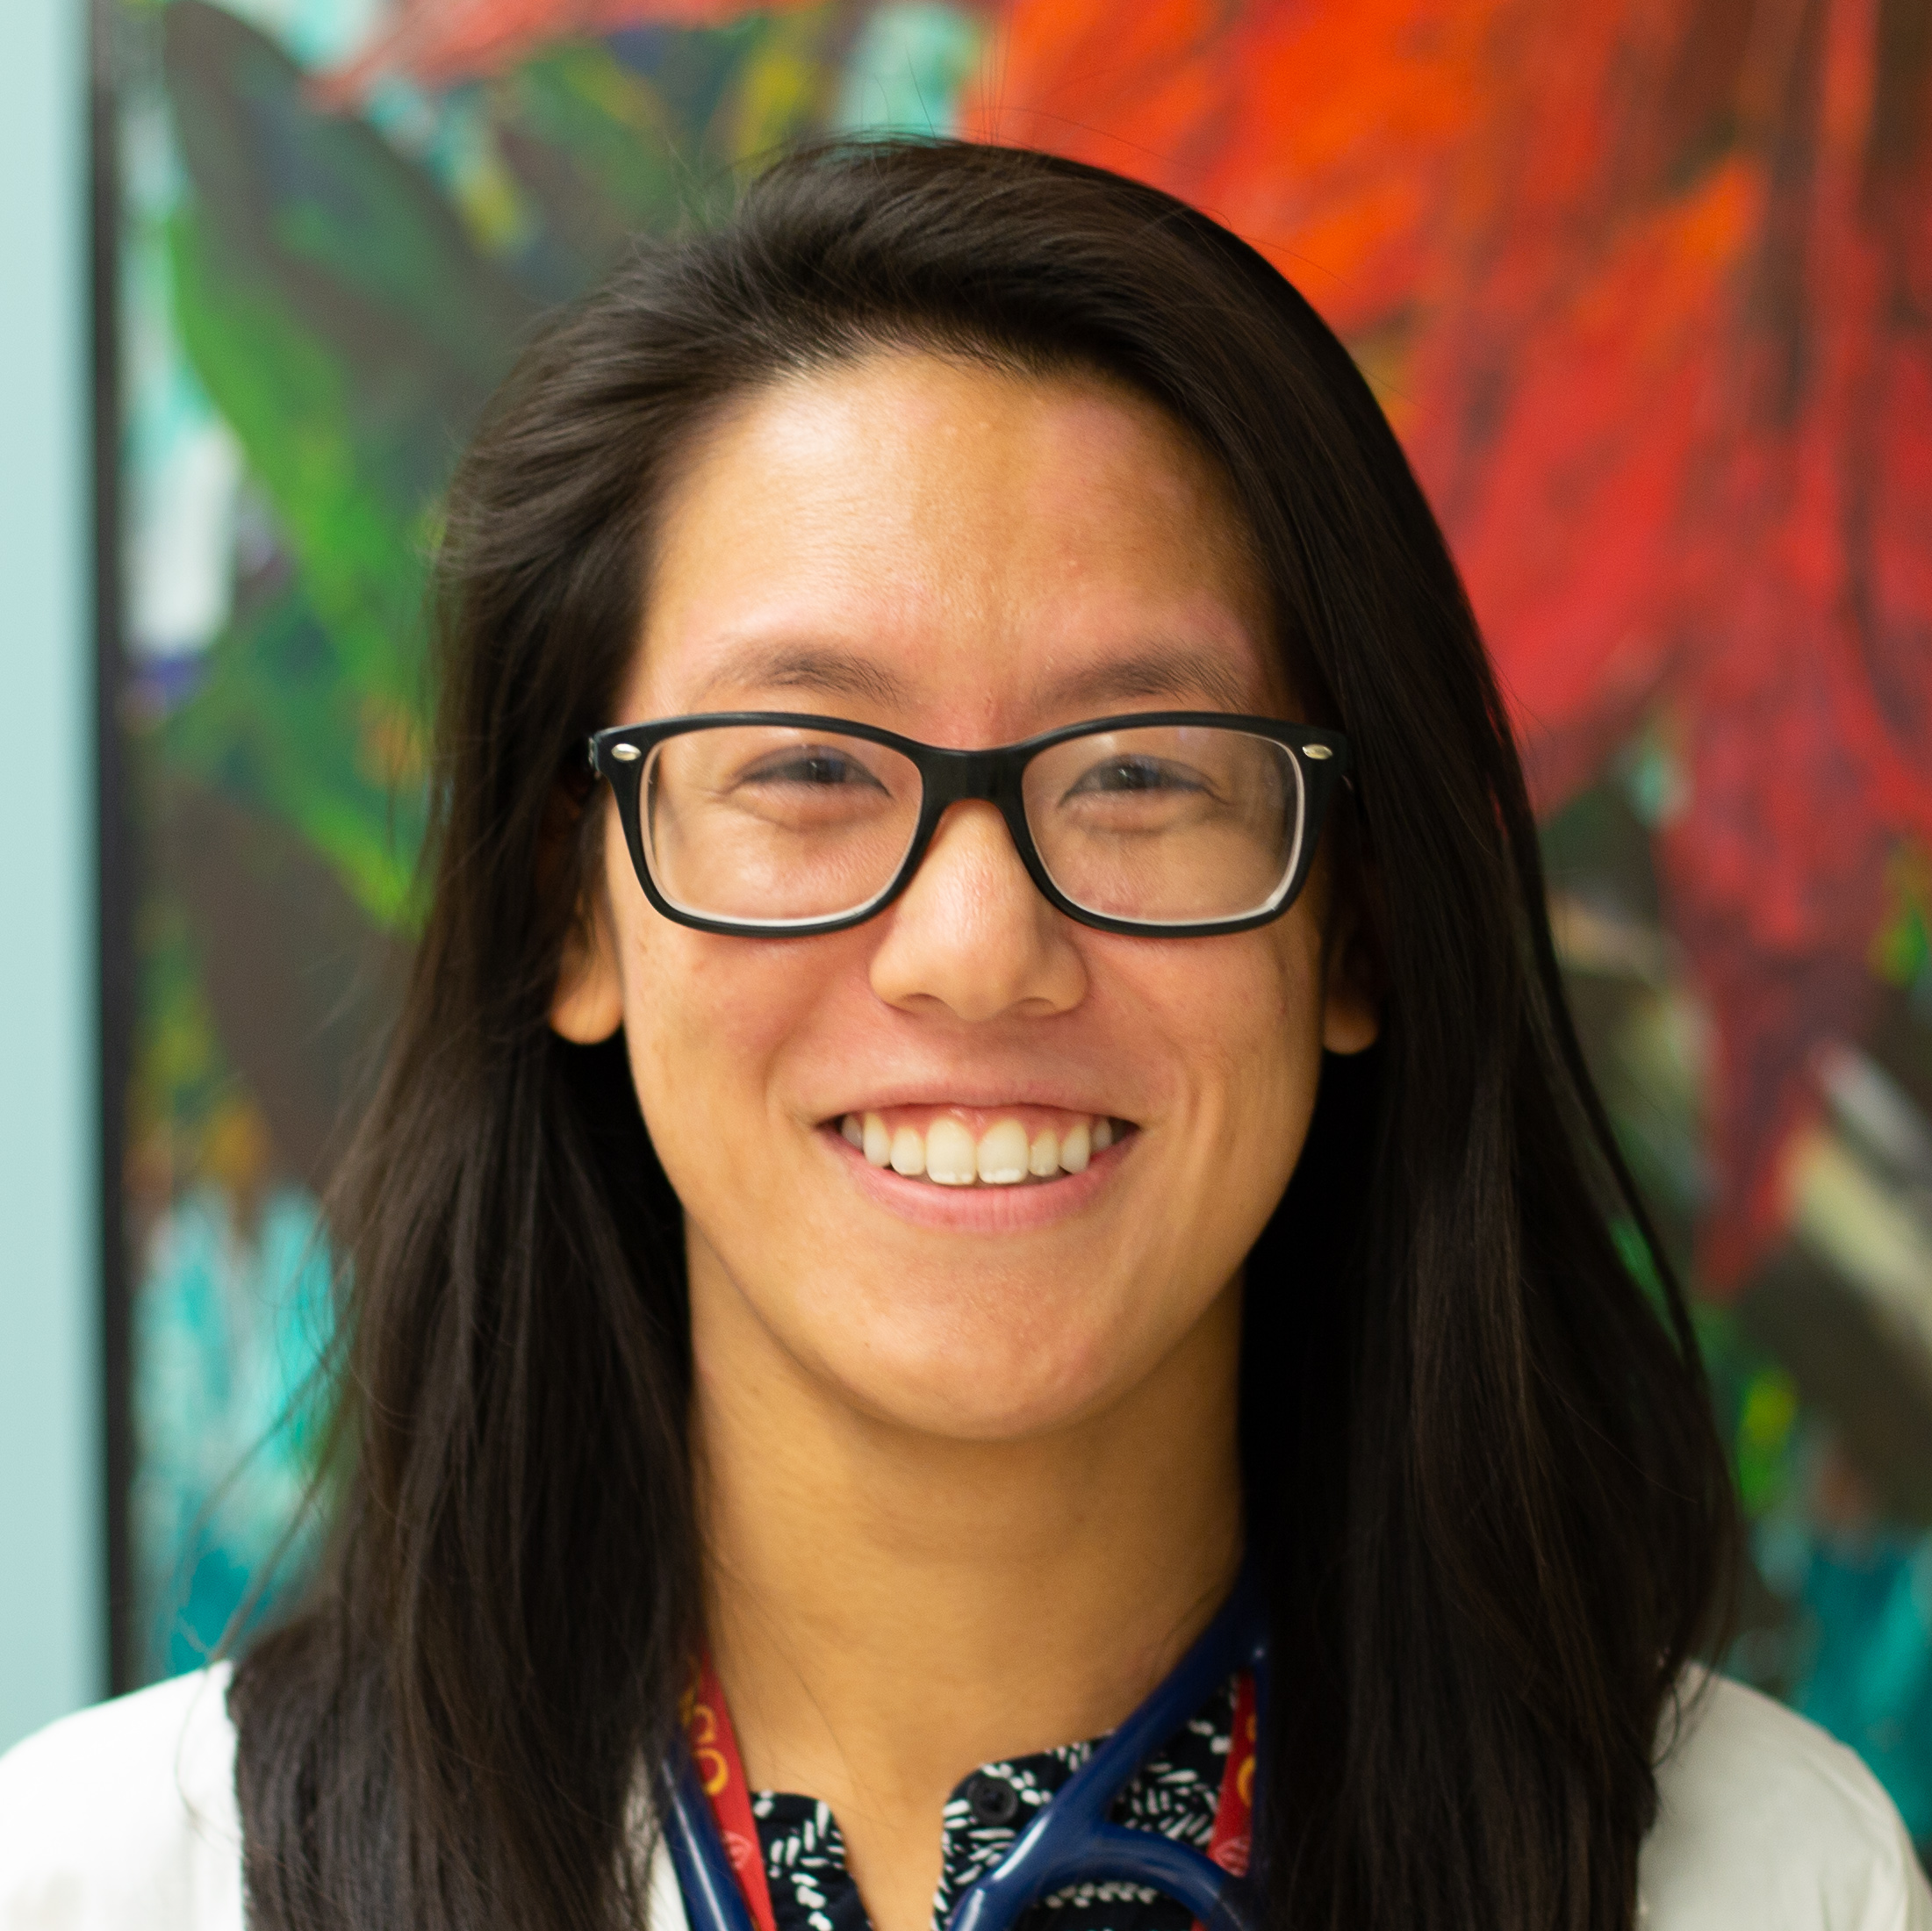 Copy of Erica Chan, MD<br>VCU